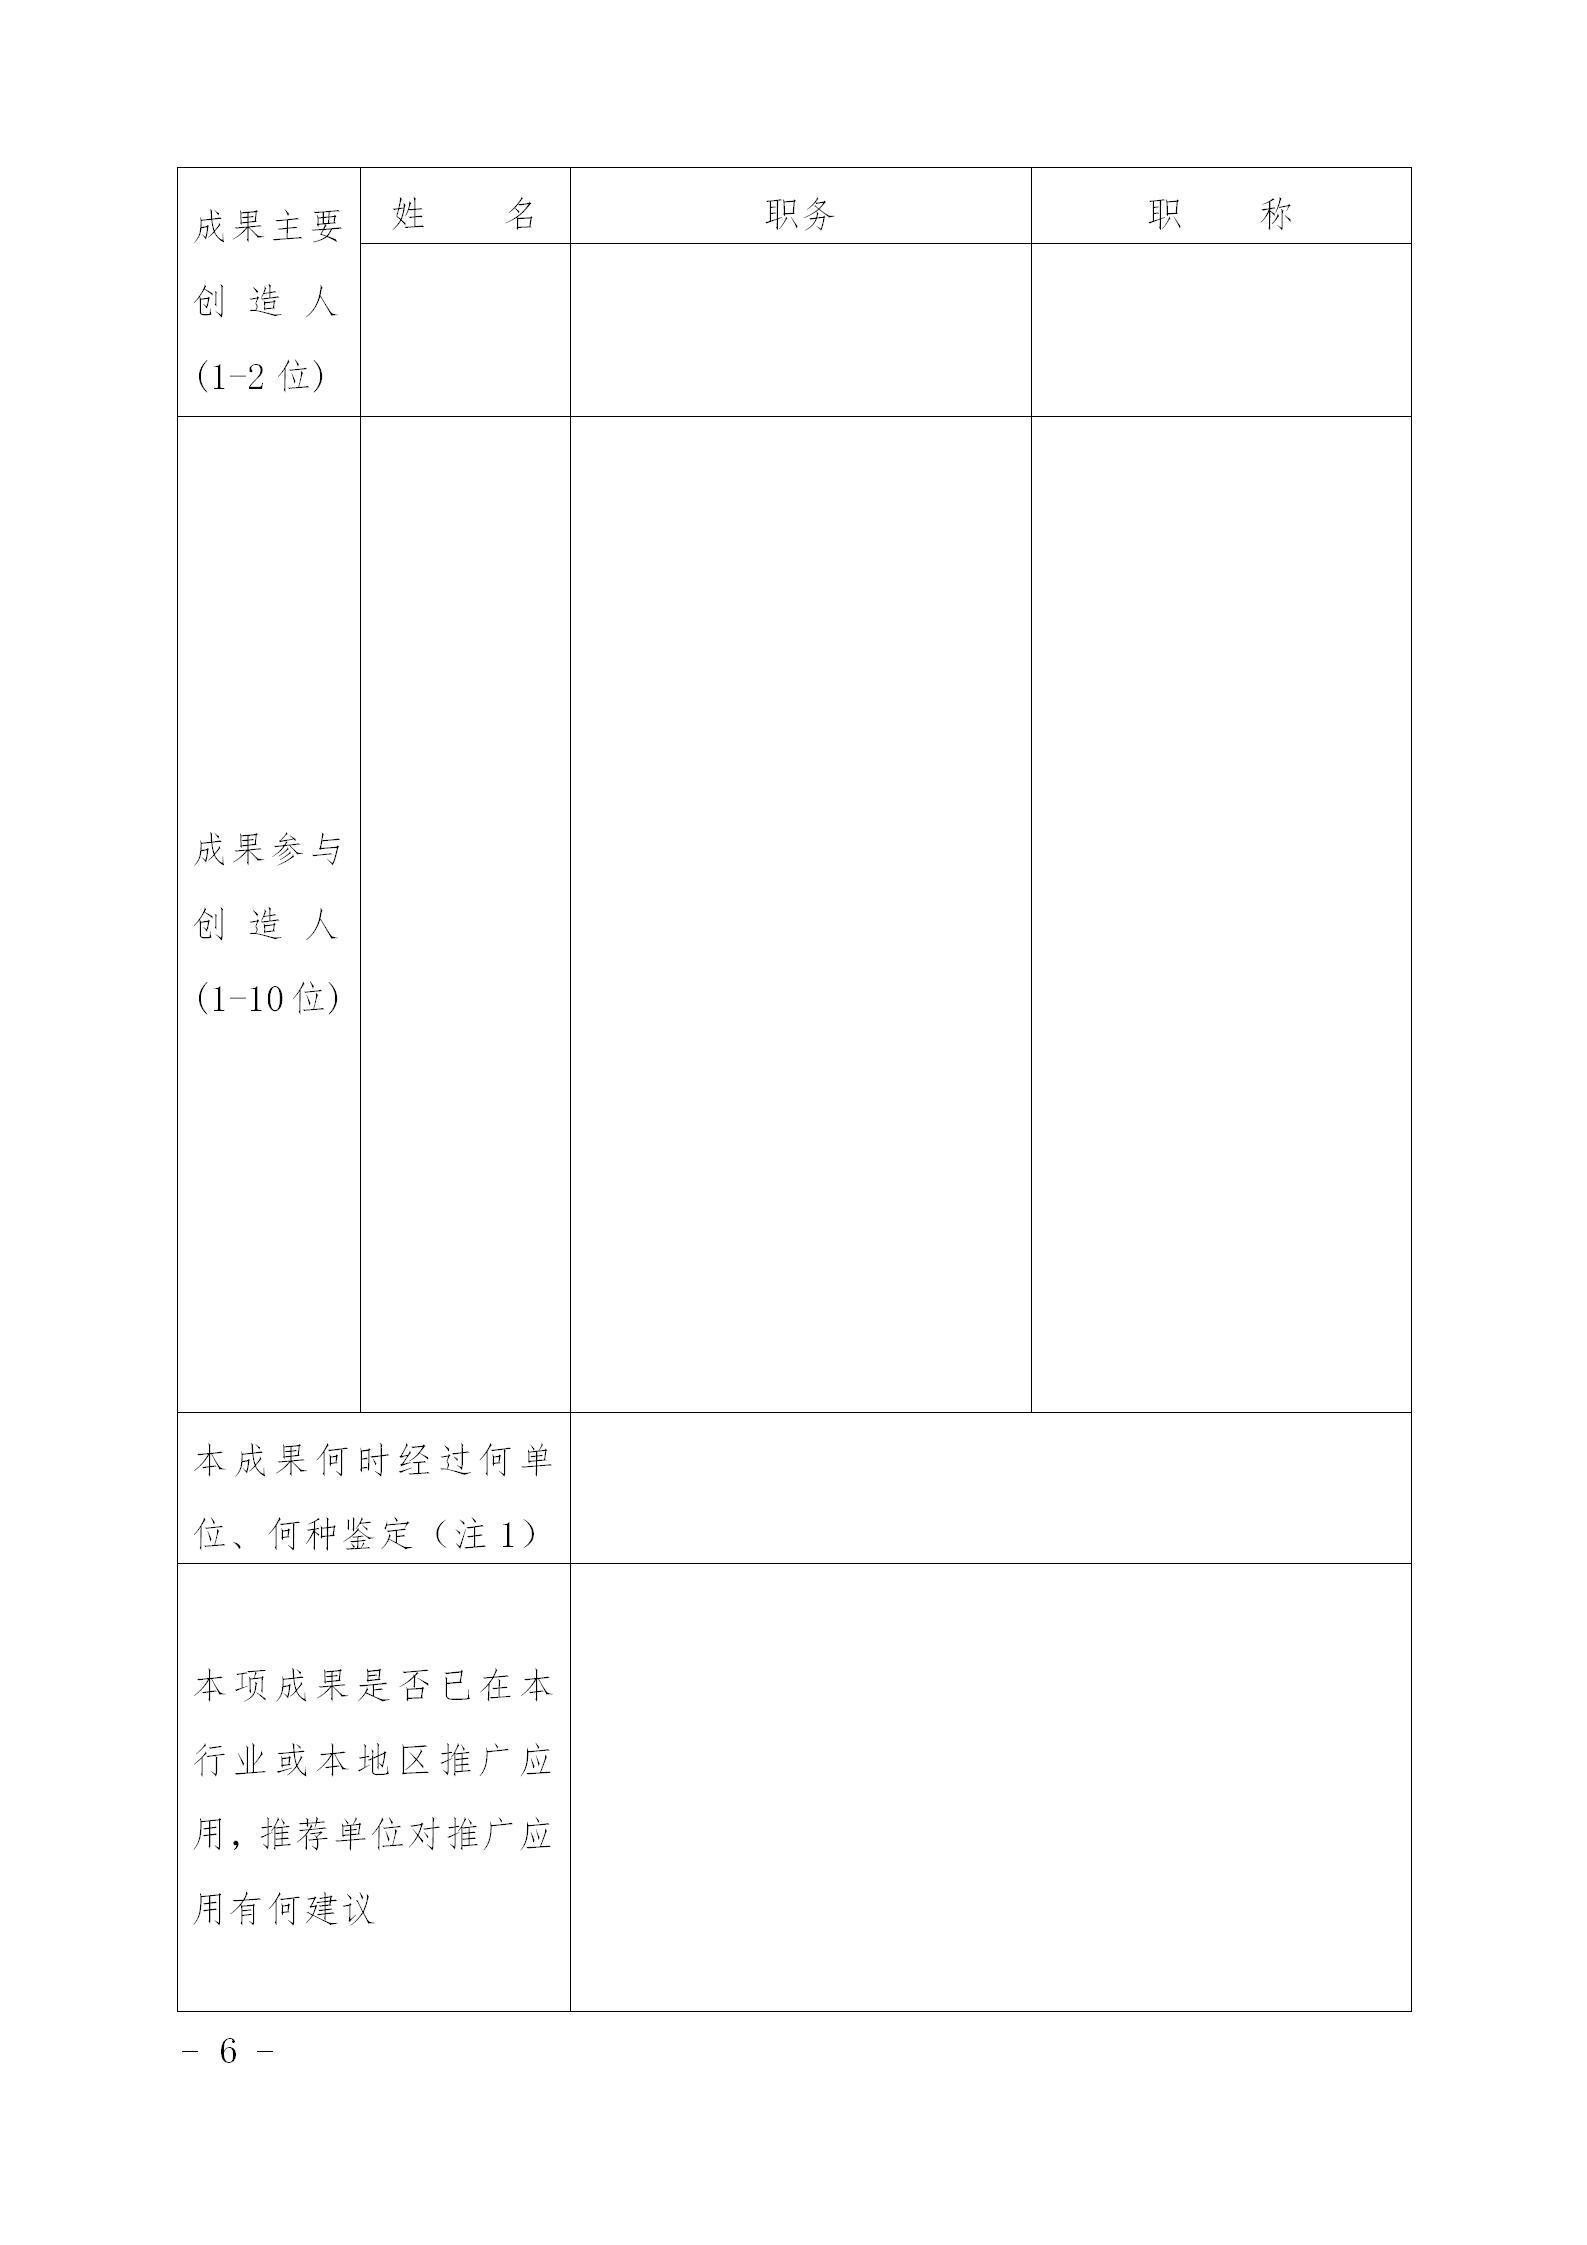 2020年杭州市企业管理现代化创新成果_06.jpg